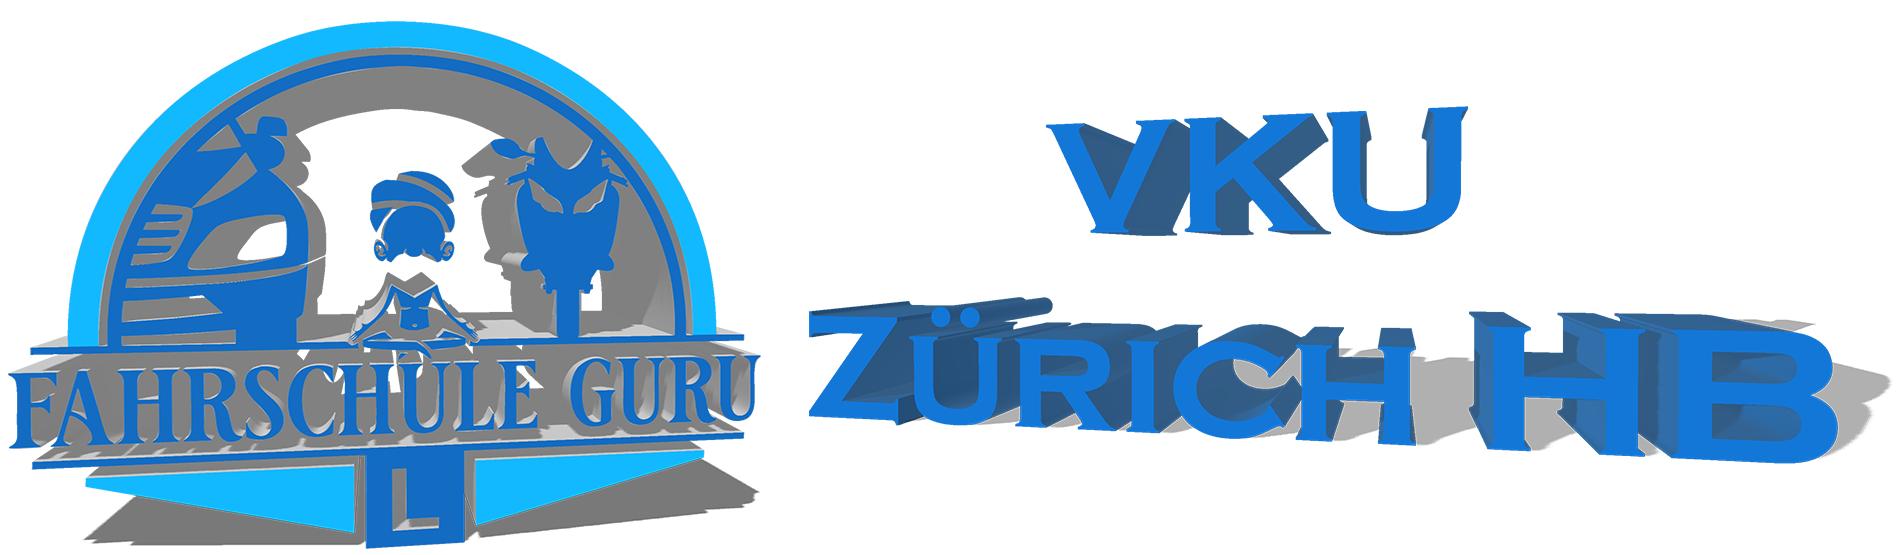 Fahrlehrer Fahrschule Guru Zürich VKU Verkehrskunde